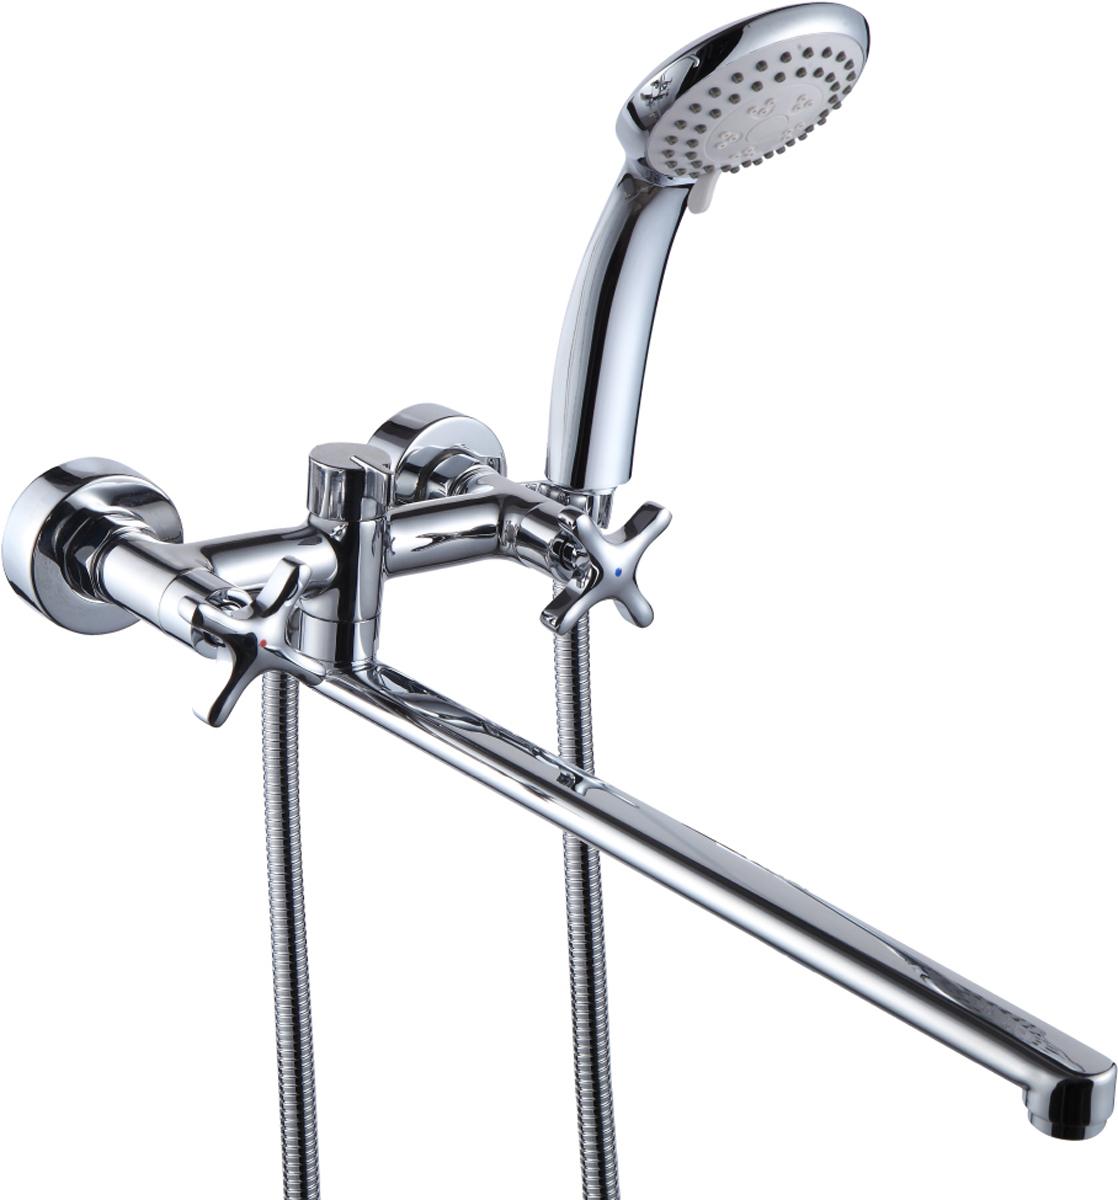 Смеситель Rossinka, для ванны универсальный. RS39-84RS39-84Смеситель универсальный с плоским поворотным изливом изготовлен из высококачественного металла.Комплектация:• пластиковый аэратор с функцией легкой очистки;• керамические вентильные головки;• переключатель с керамическими пластинами;• аксессуары в комплекте (шланг 1,5 м, 3-функциональная лейка с функцией легкой очистки, 2-х позиционный держатель для лейки);• присоединительная группа (эксцентрики с отражателями) для вертикального крепления;• металлические рукоятки.